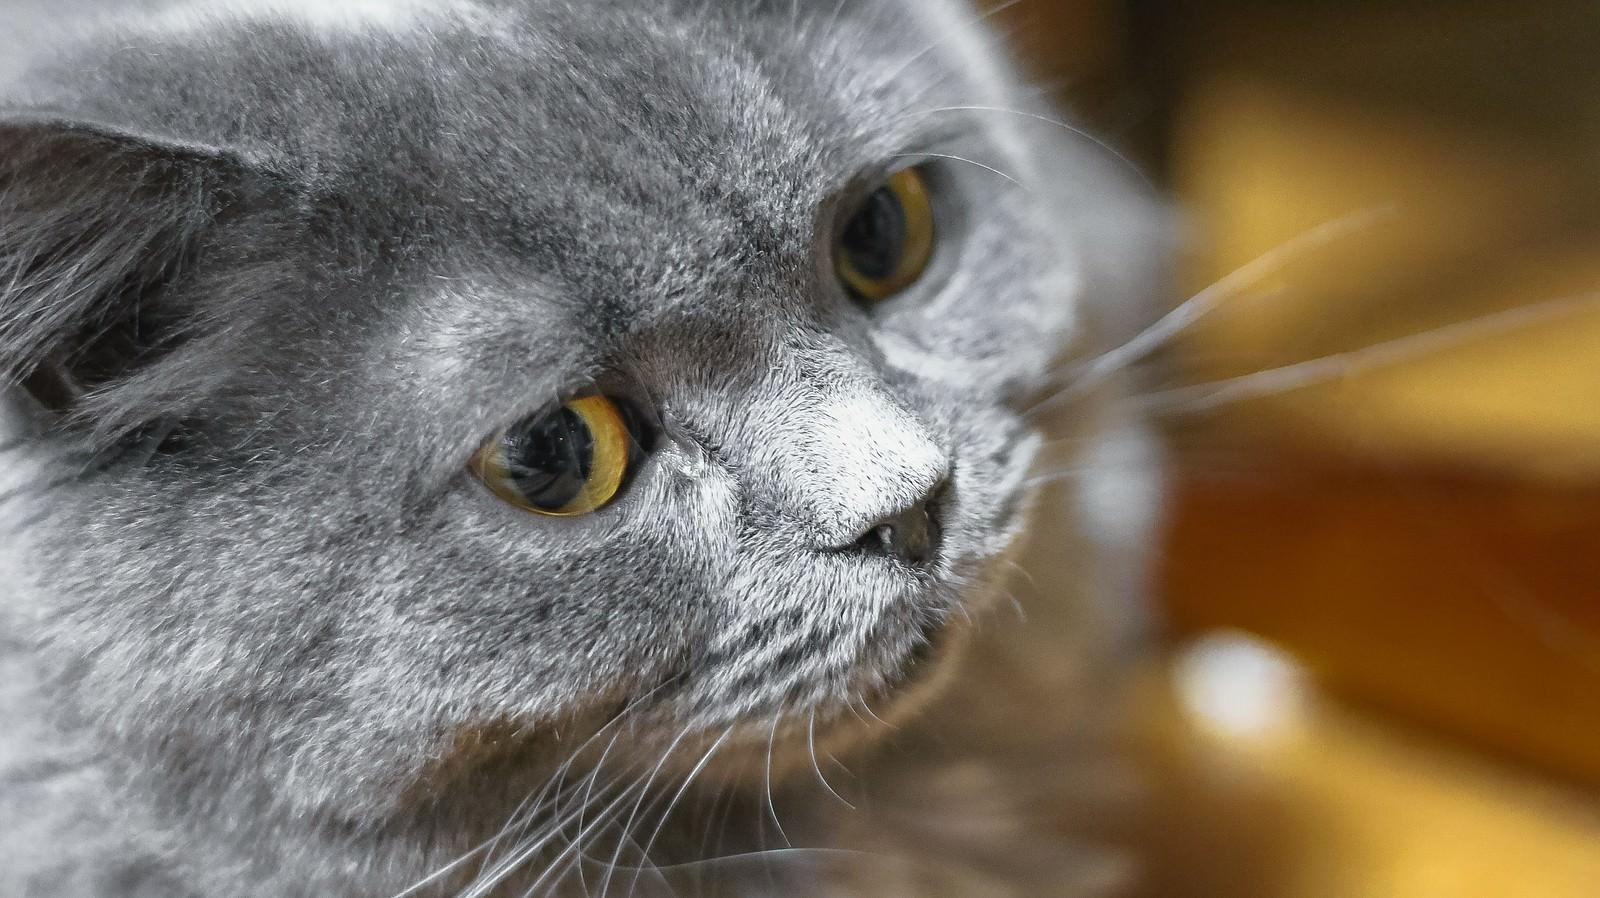 「威圧する猫」の写真